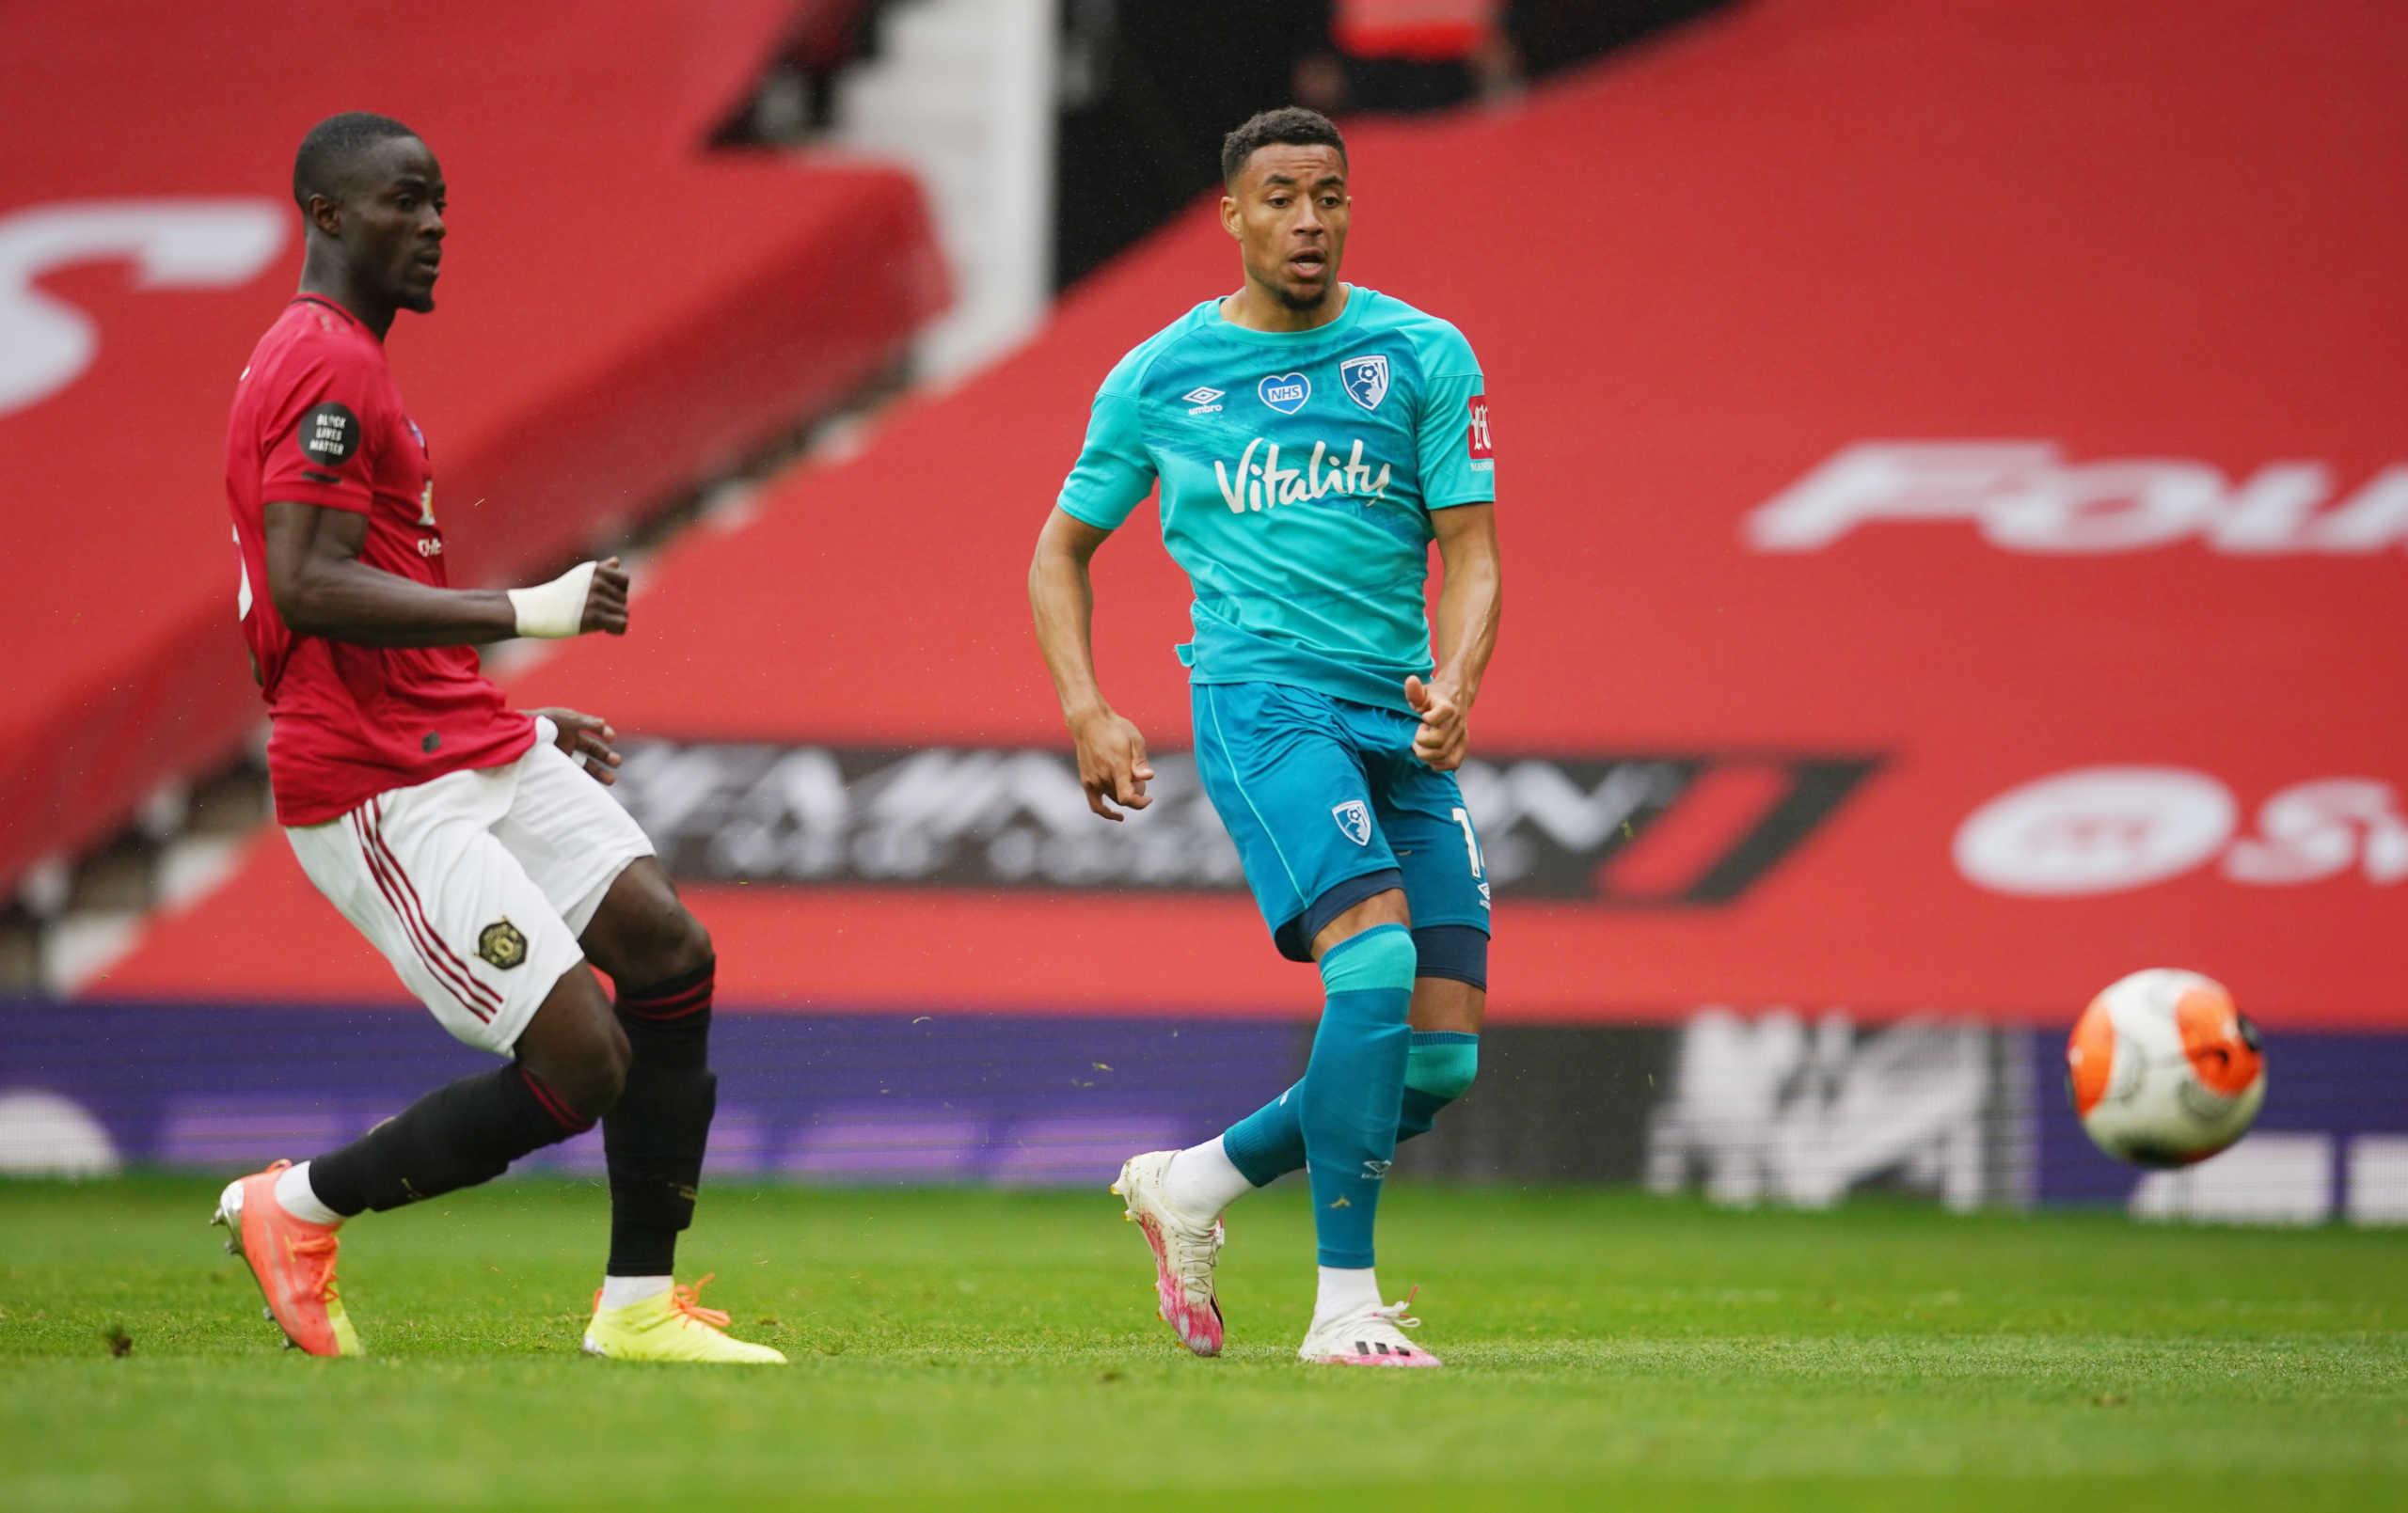 Premier League: Αδιανόητο πέναλτι μέσω VAR κατά της Γιουνάιτεντ (video)